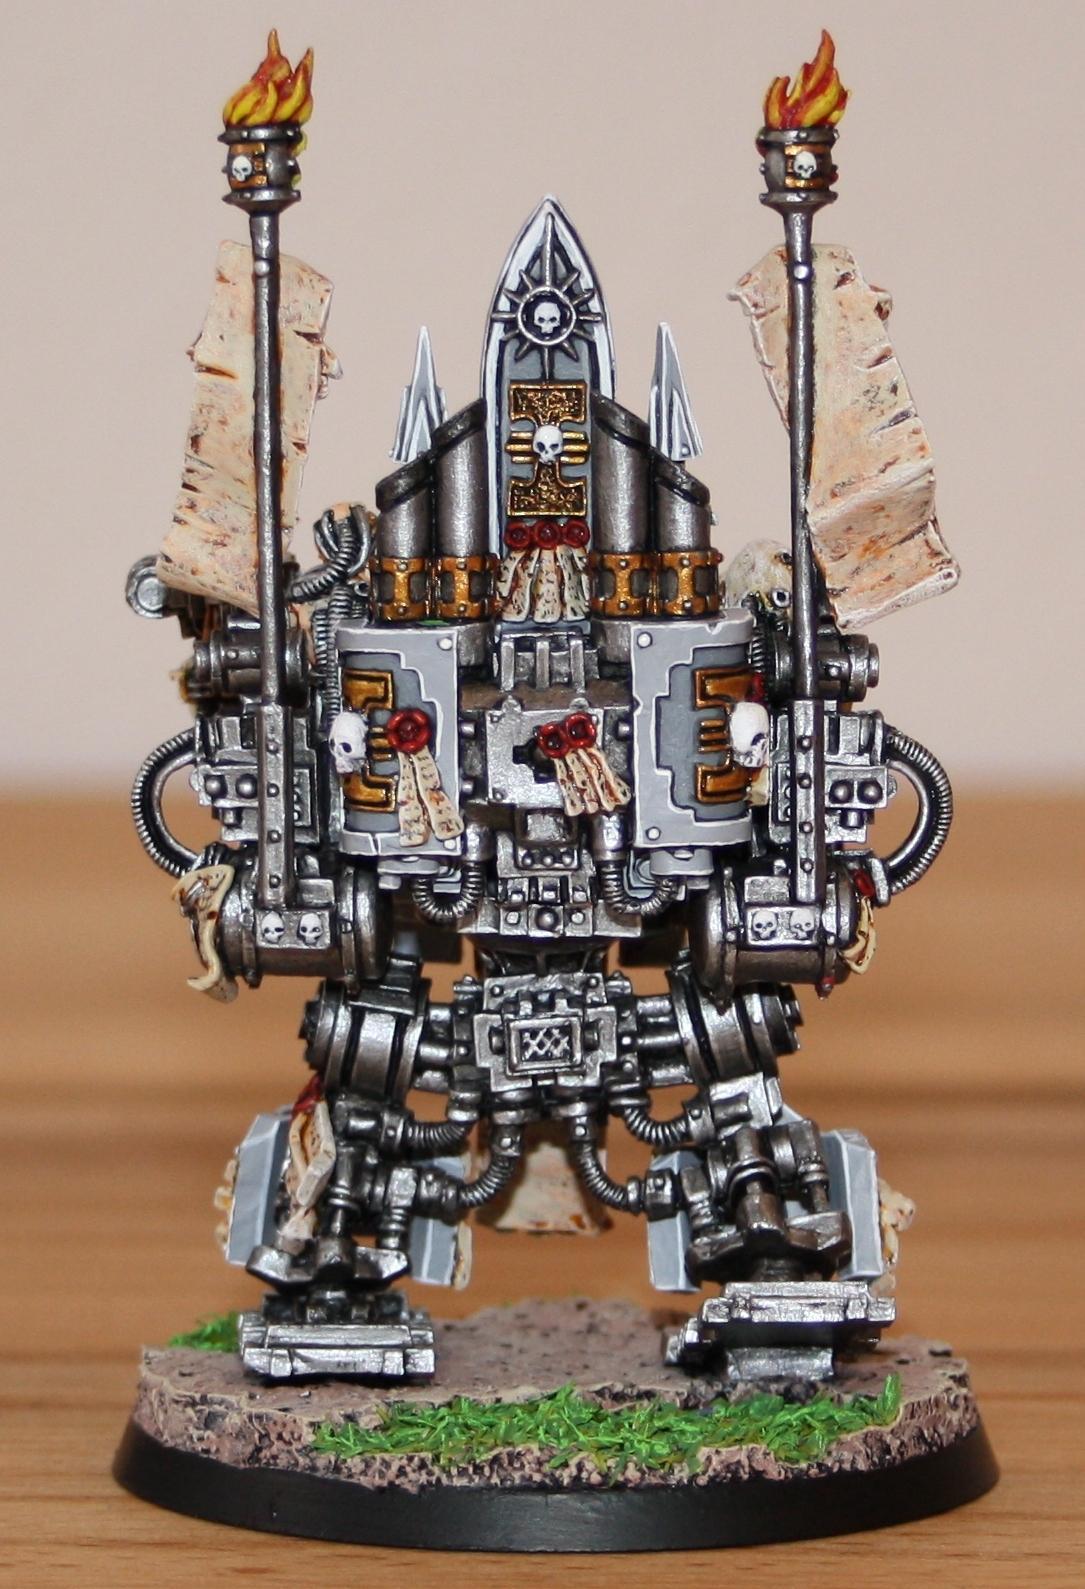 Dreadnought, Inquisition, Karamazov